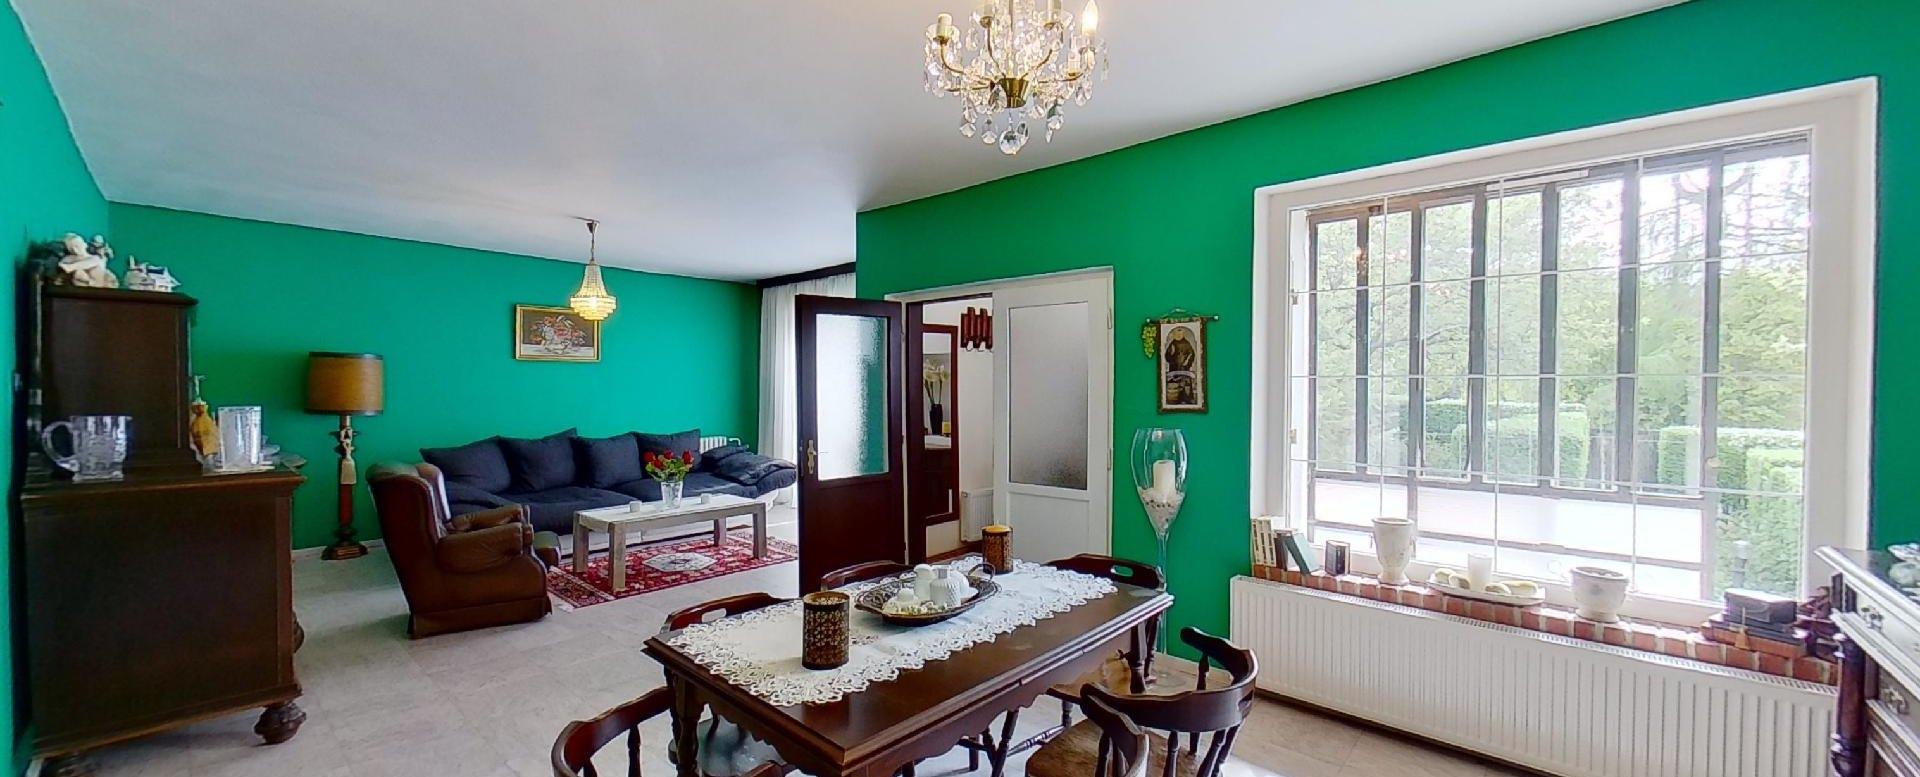 pohľad na obývaciu izbu, jedáleň a vstup do domu